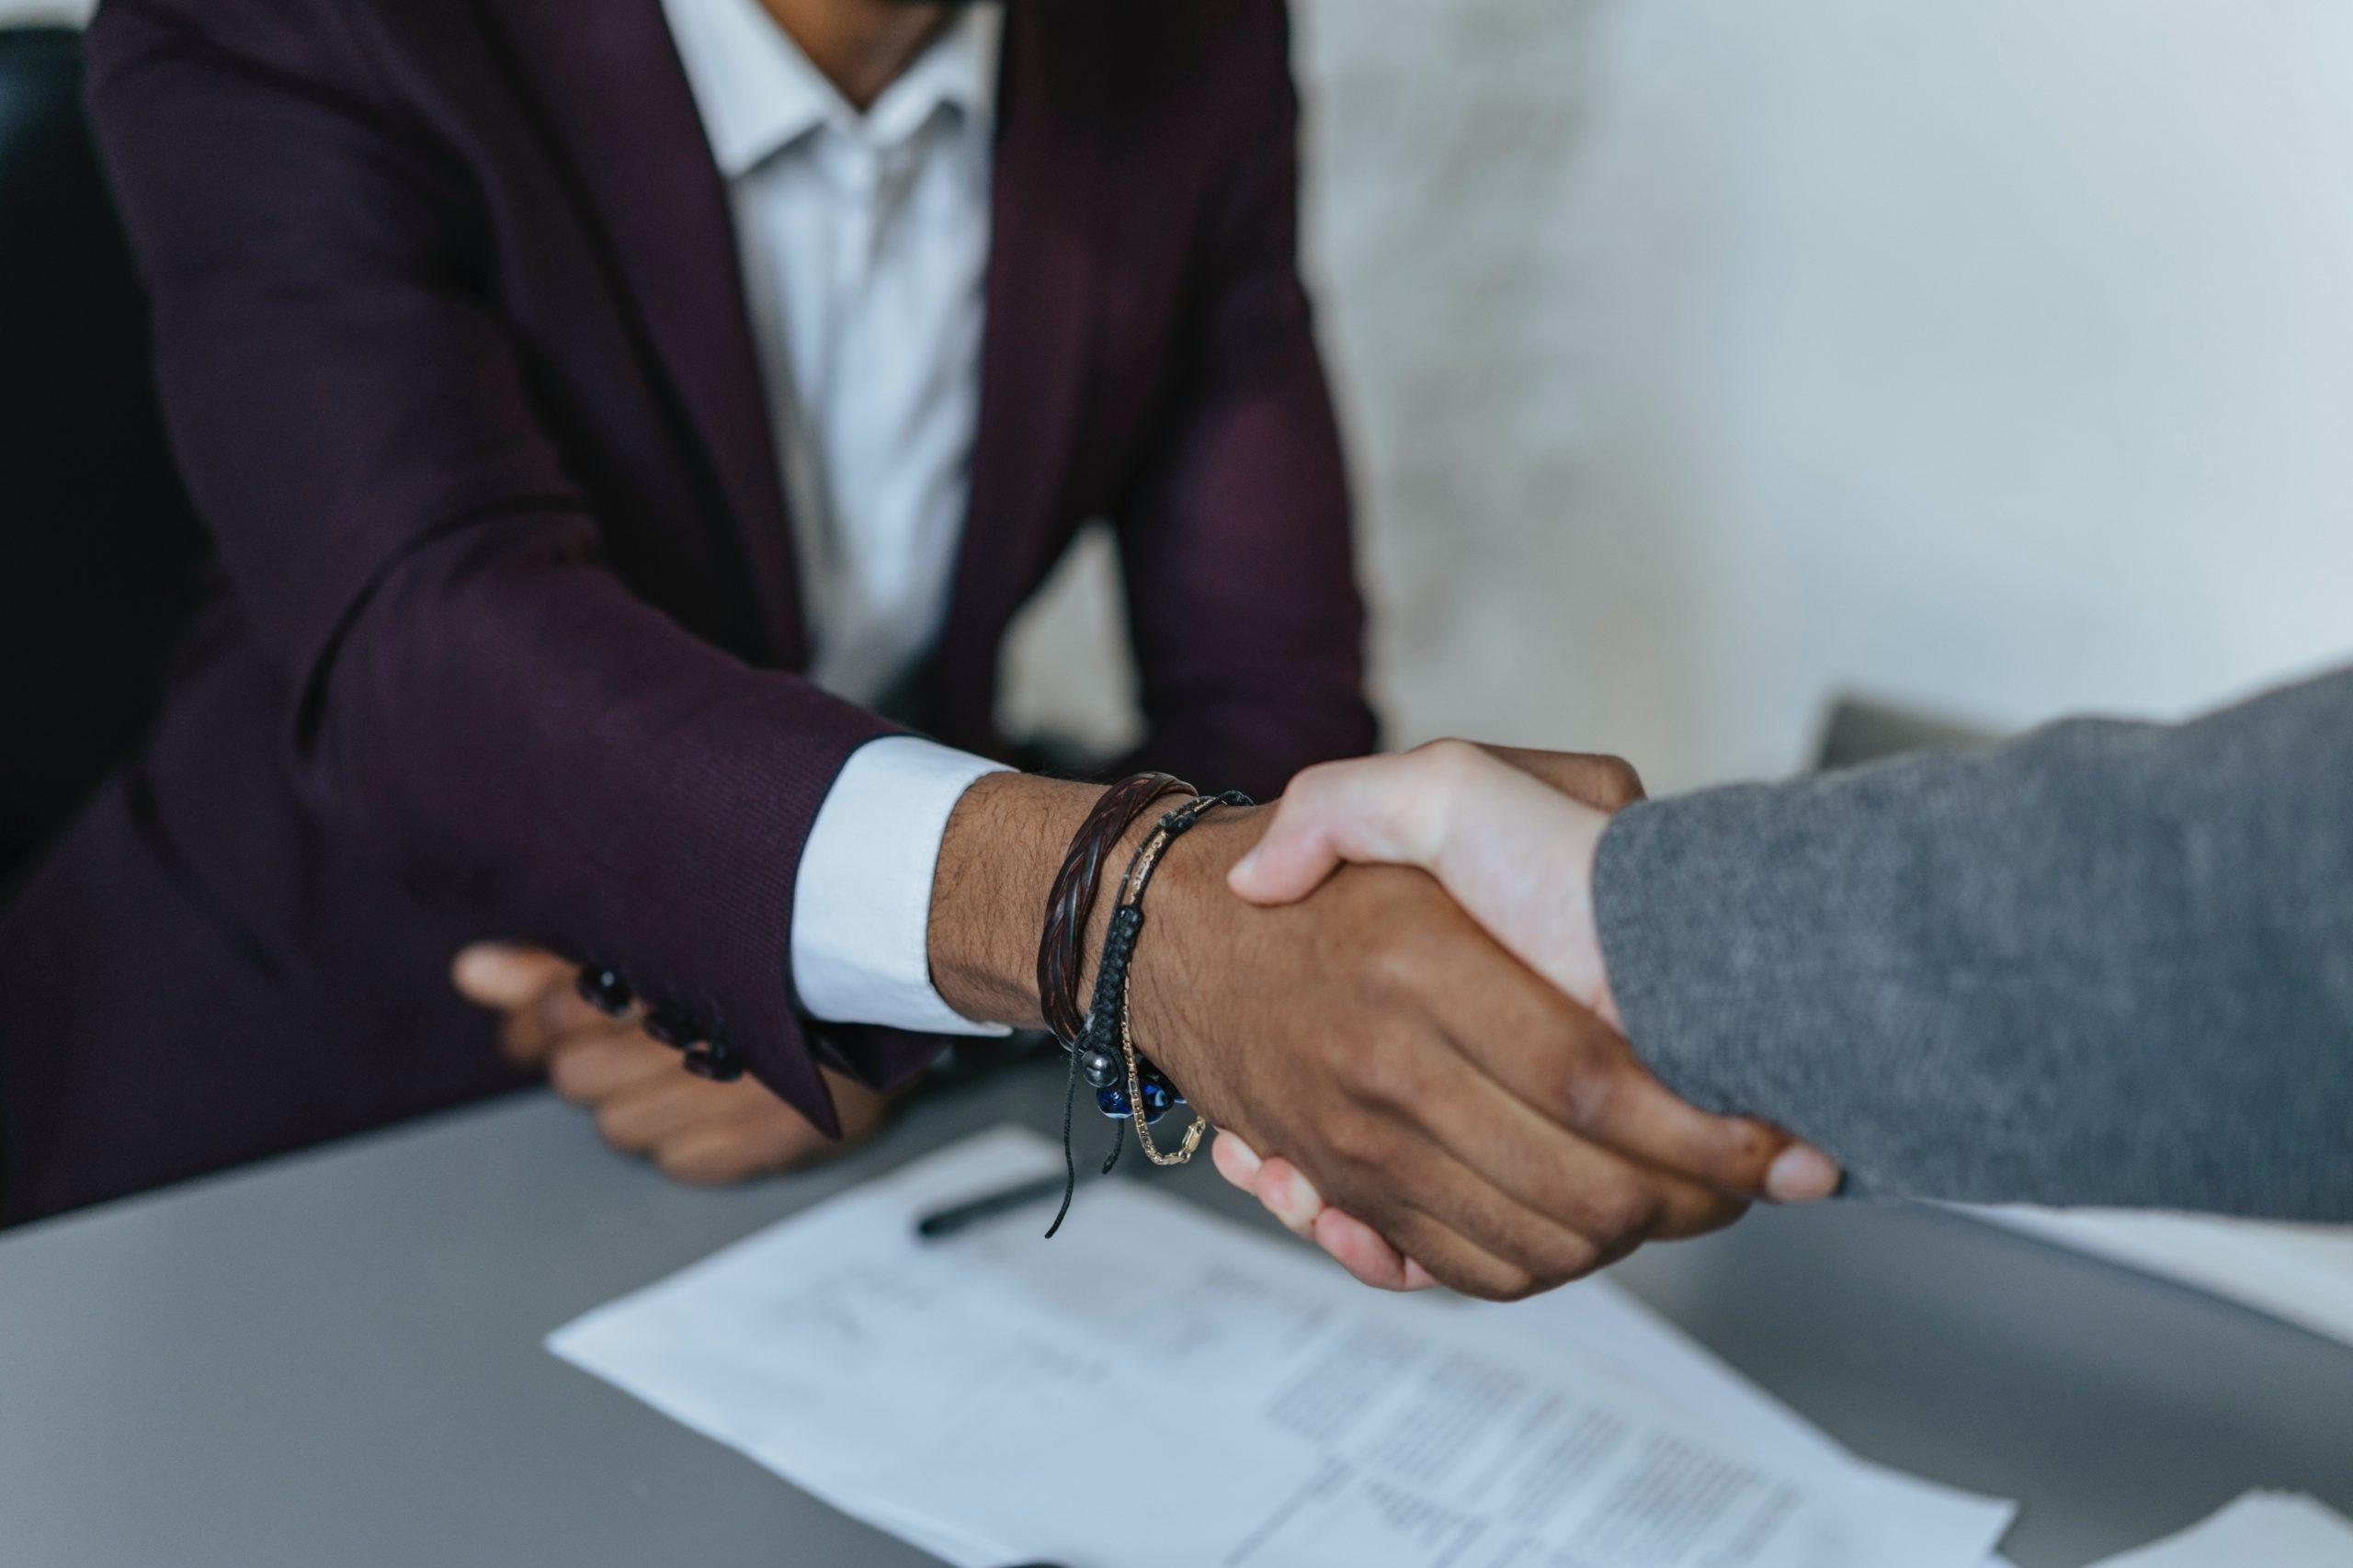 two men shaking hands over paperwork